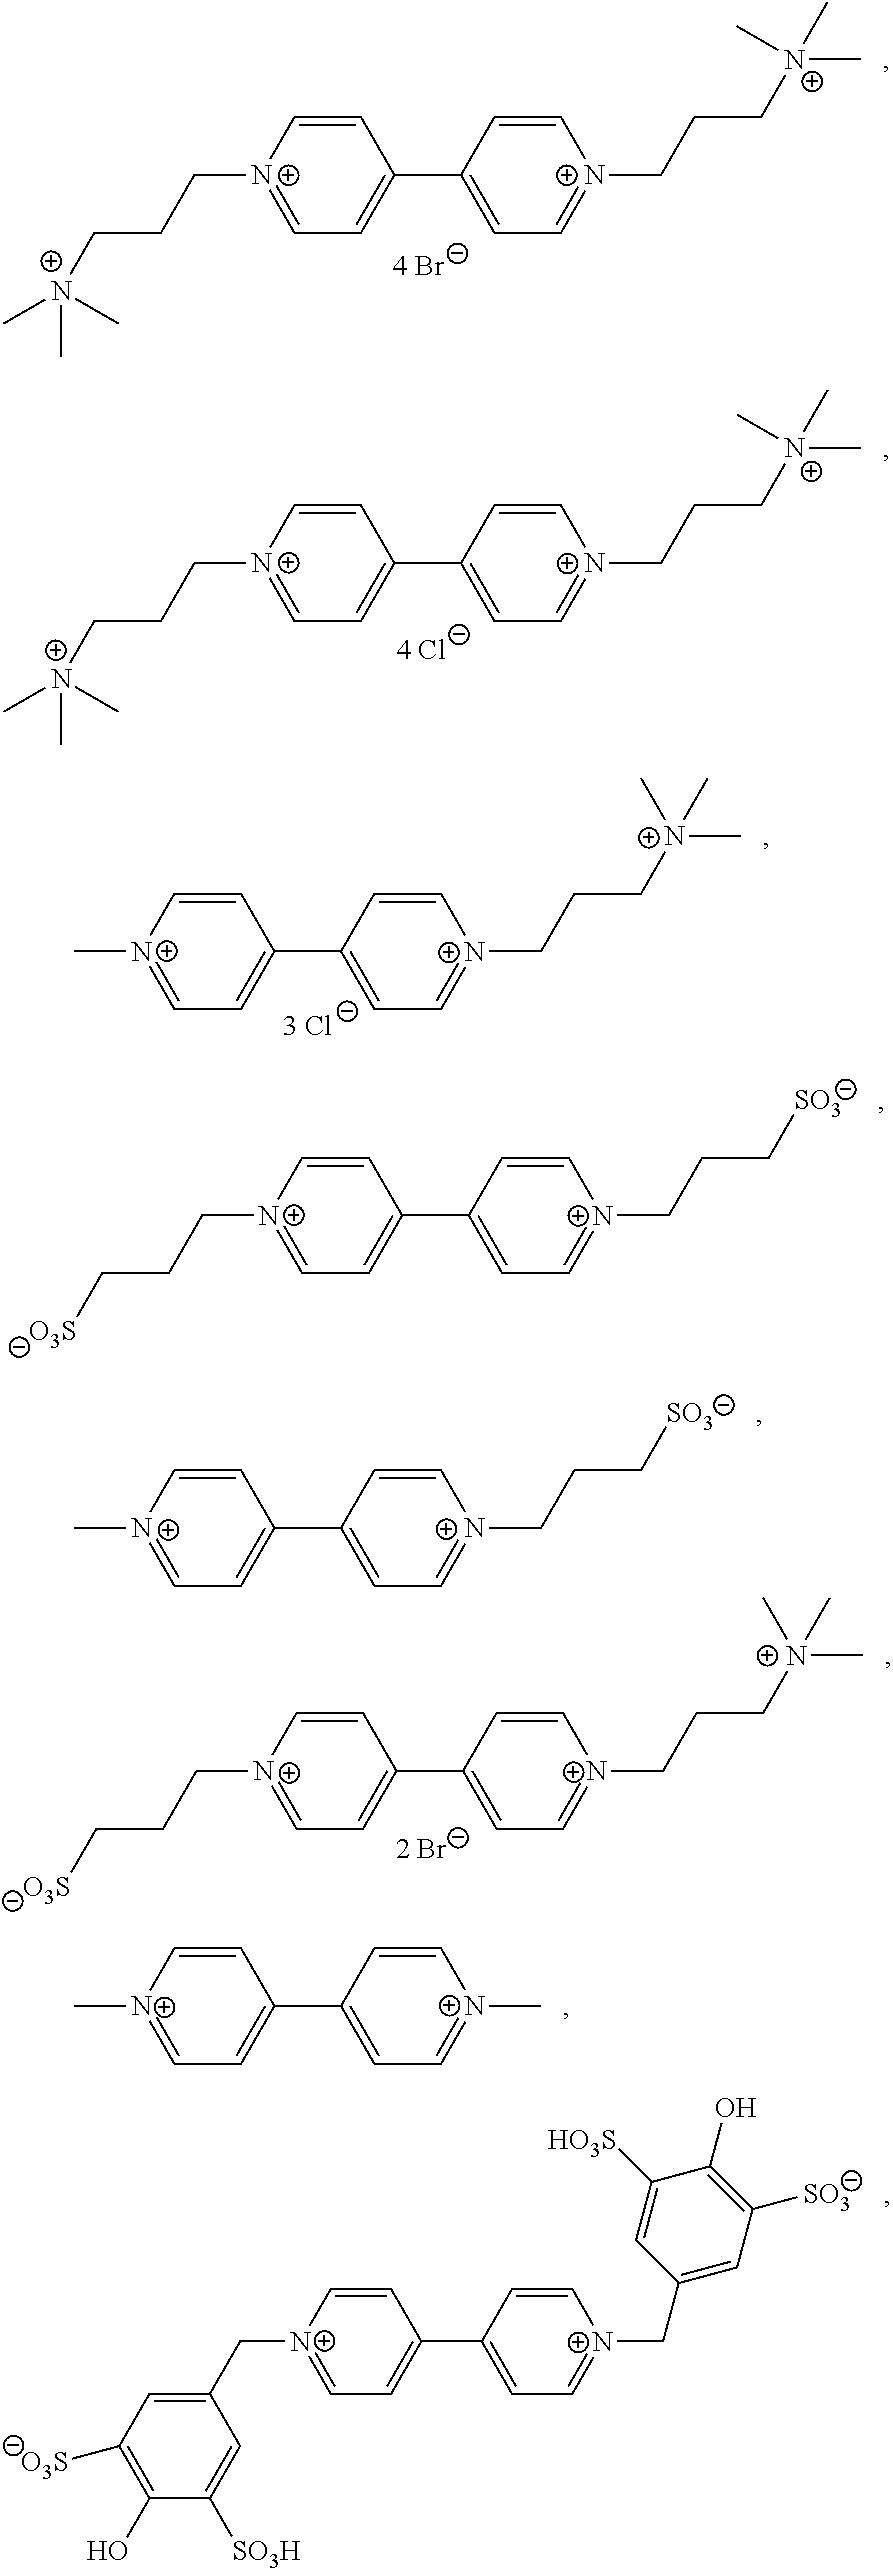 Figure US20180072669A1-20180315-C00062